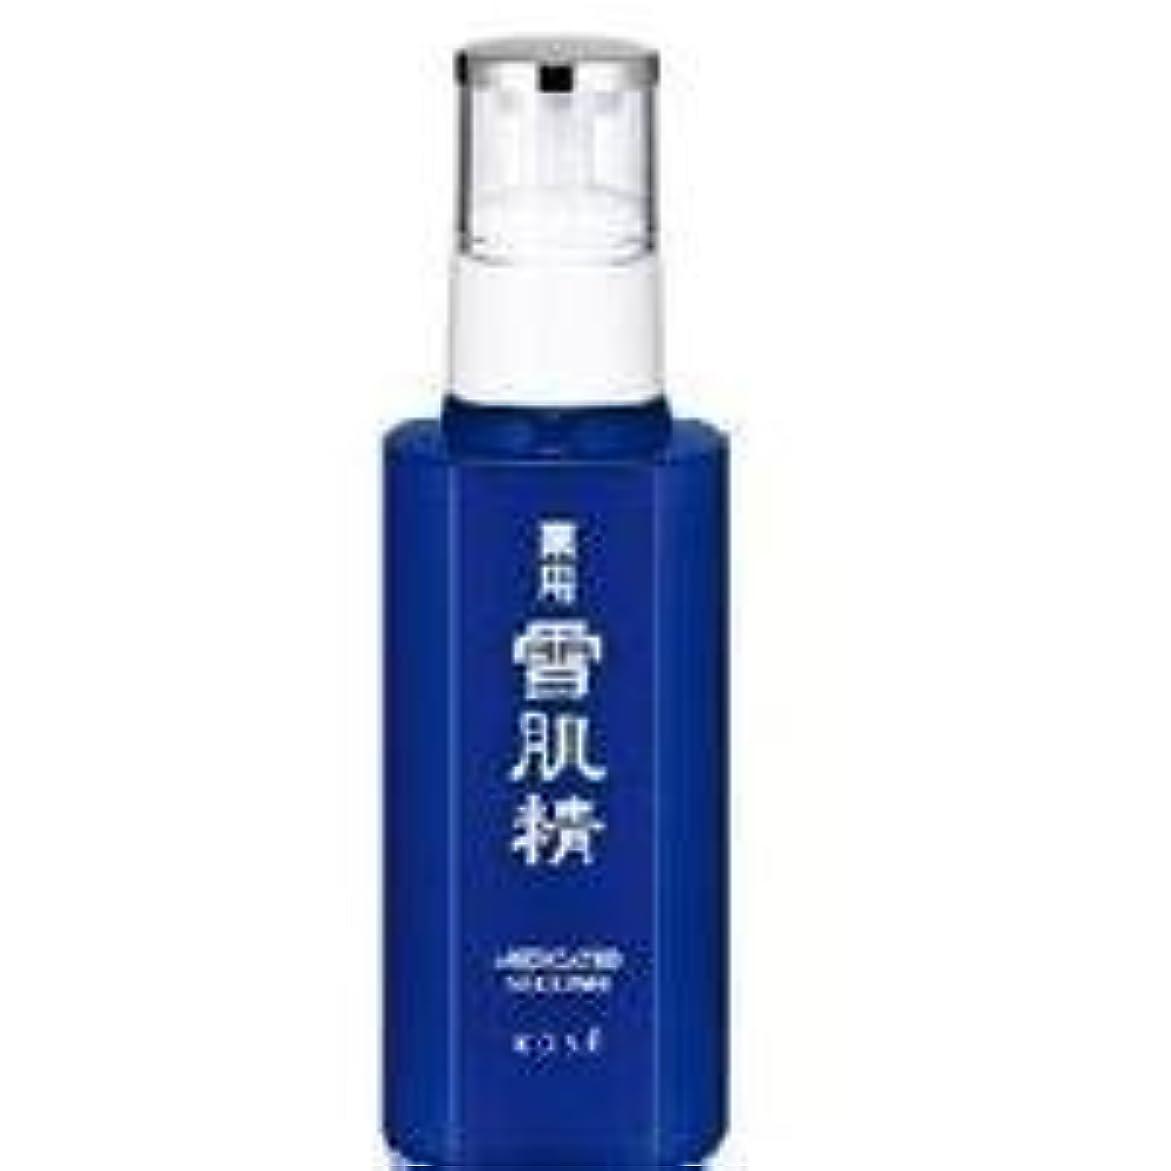 士気ミニオリエンタル【限定トライアルサイズ】 コーセー 薬用 雪肌精 乳液 70mL